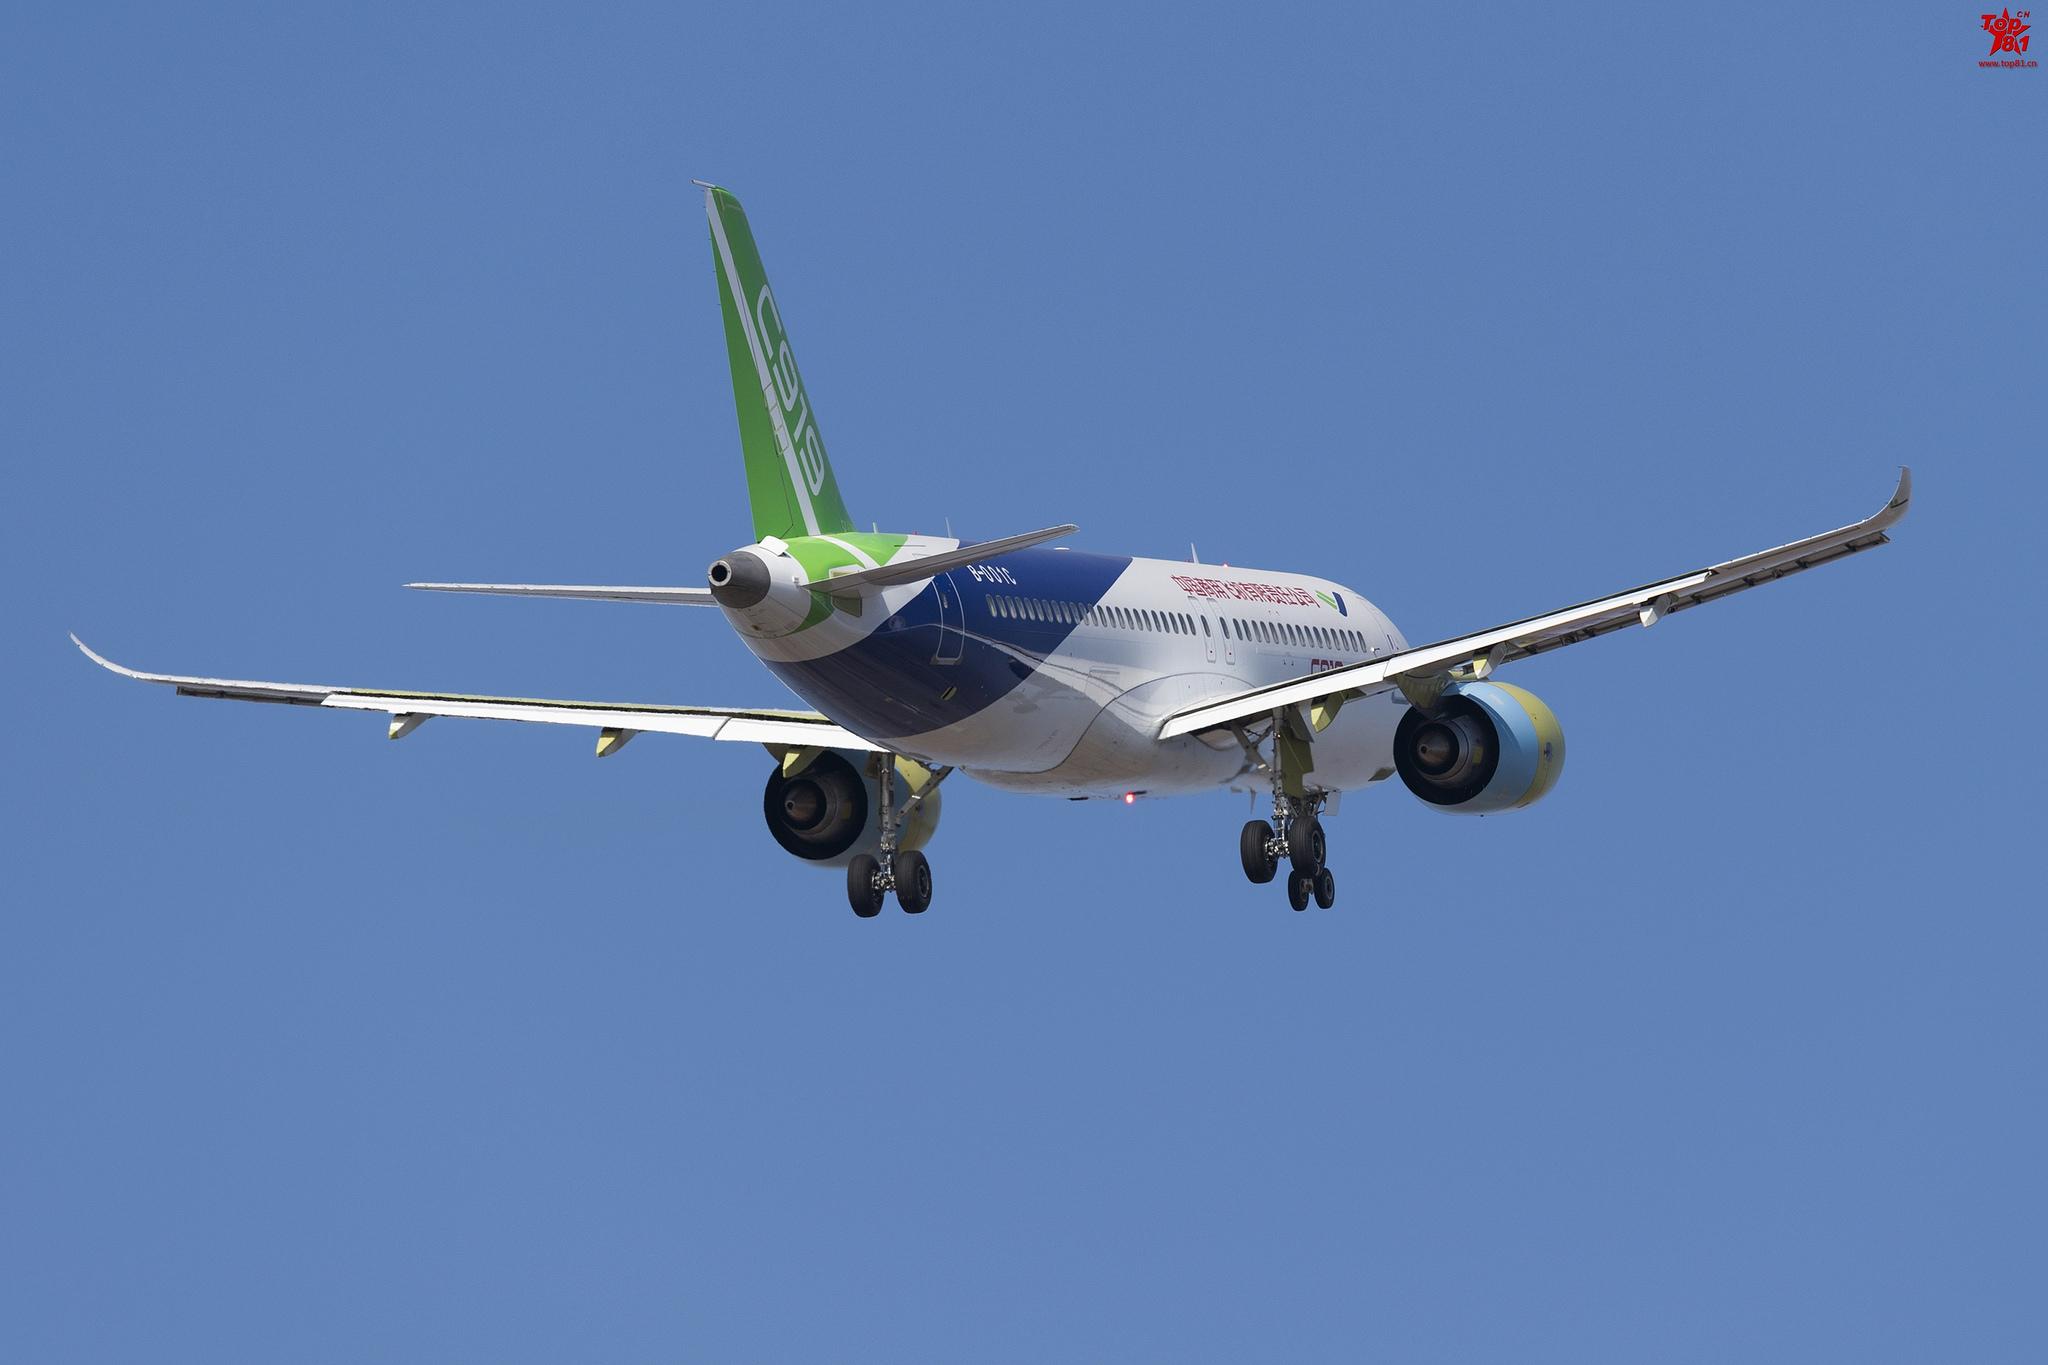 Совершил первый полет второй прототип китайского пассажирского самолета С919 номер, СОМАС, самолета, регистрационный, серийный, 10102, Шанхае, полет, В001С, китайского, пассажирского, второго, опытного, образца, созданным, двигателями, Шанхай, 17122017, wwwsinodefenceforumcom, первого